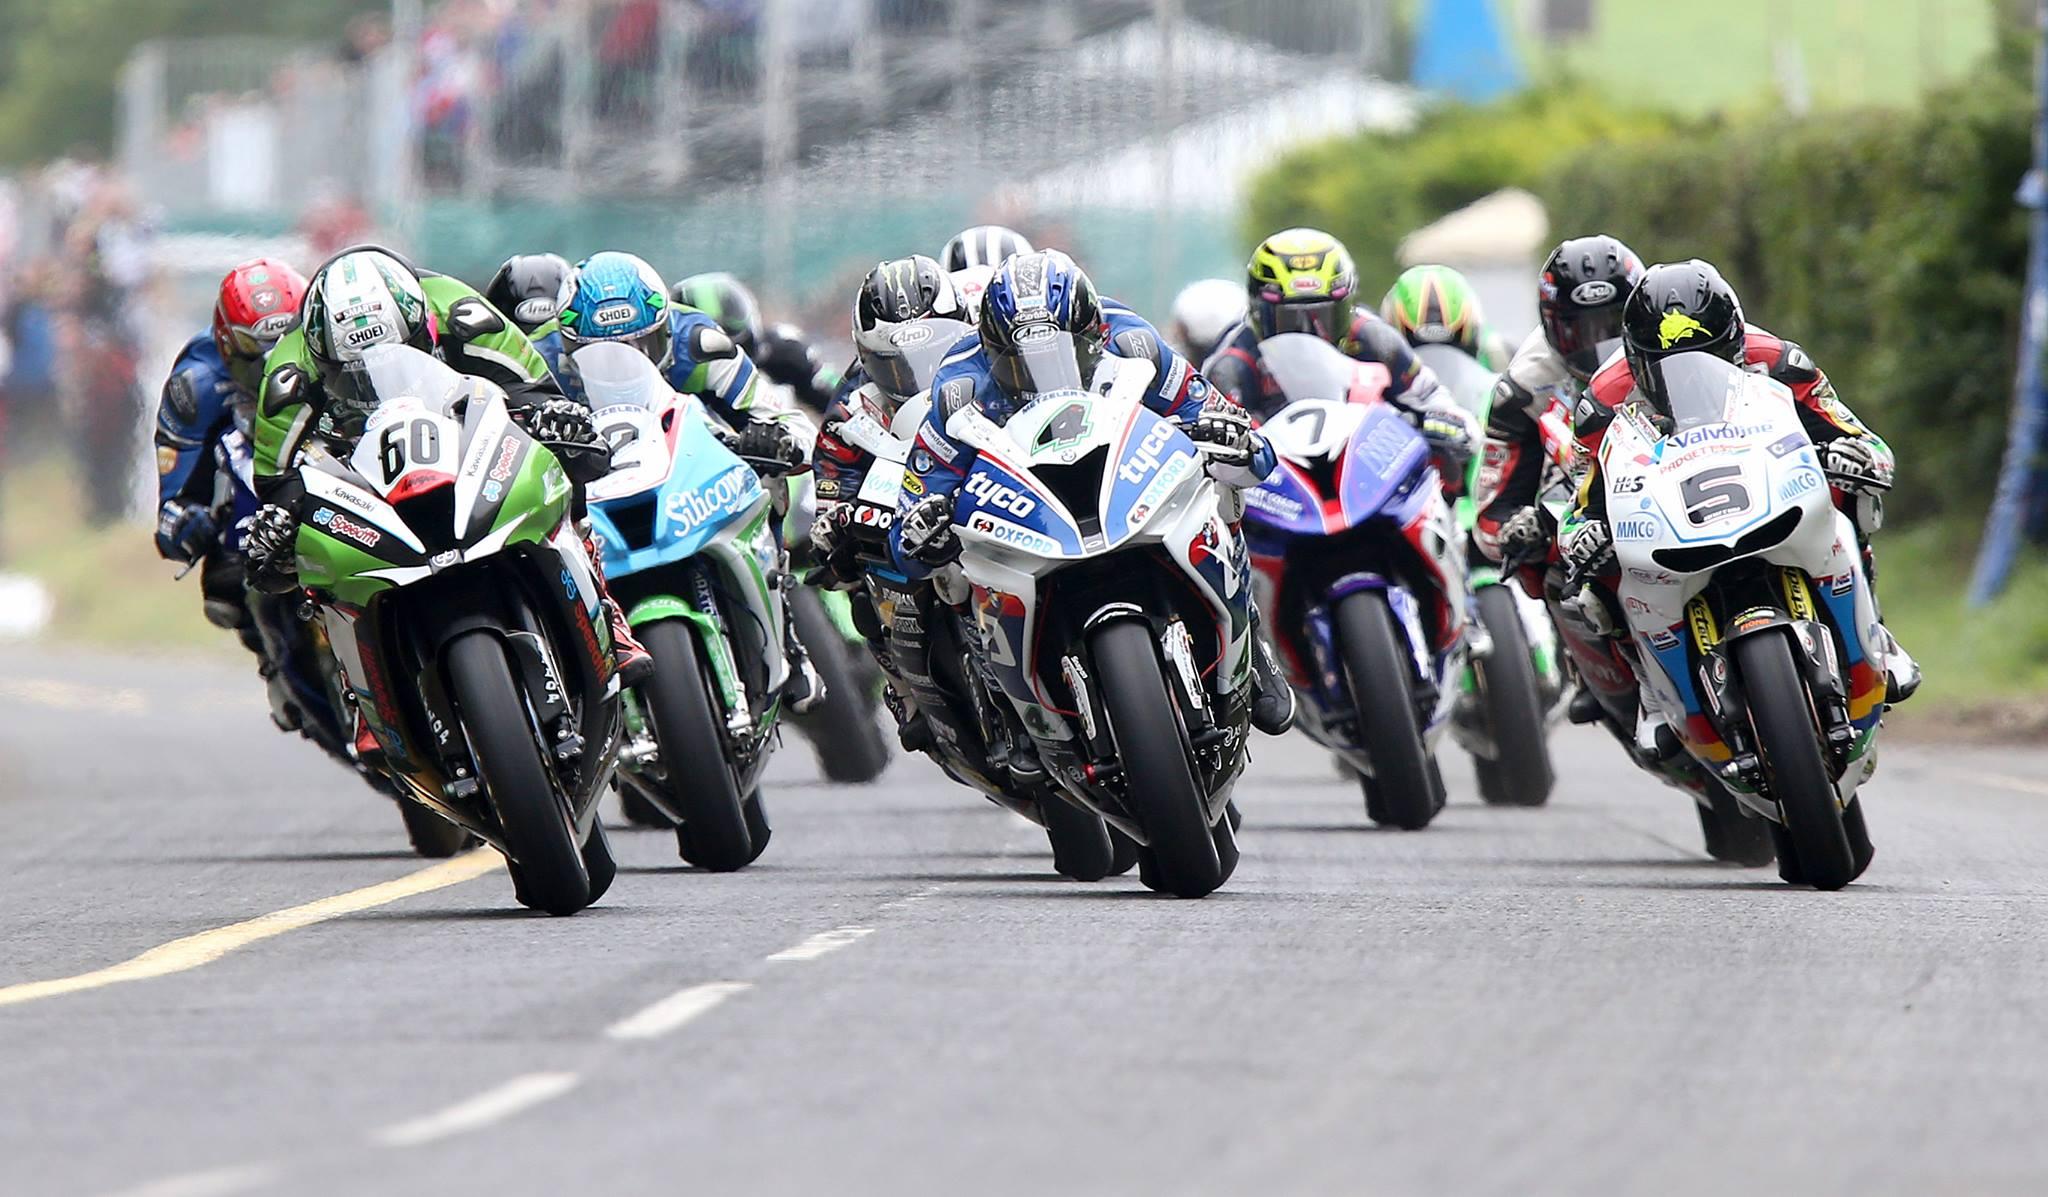 Ulster GP 2017, la road race de récord donde aún rugen las dos tiempos